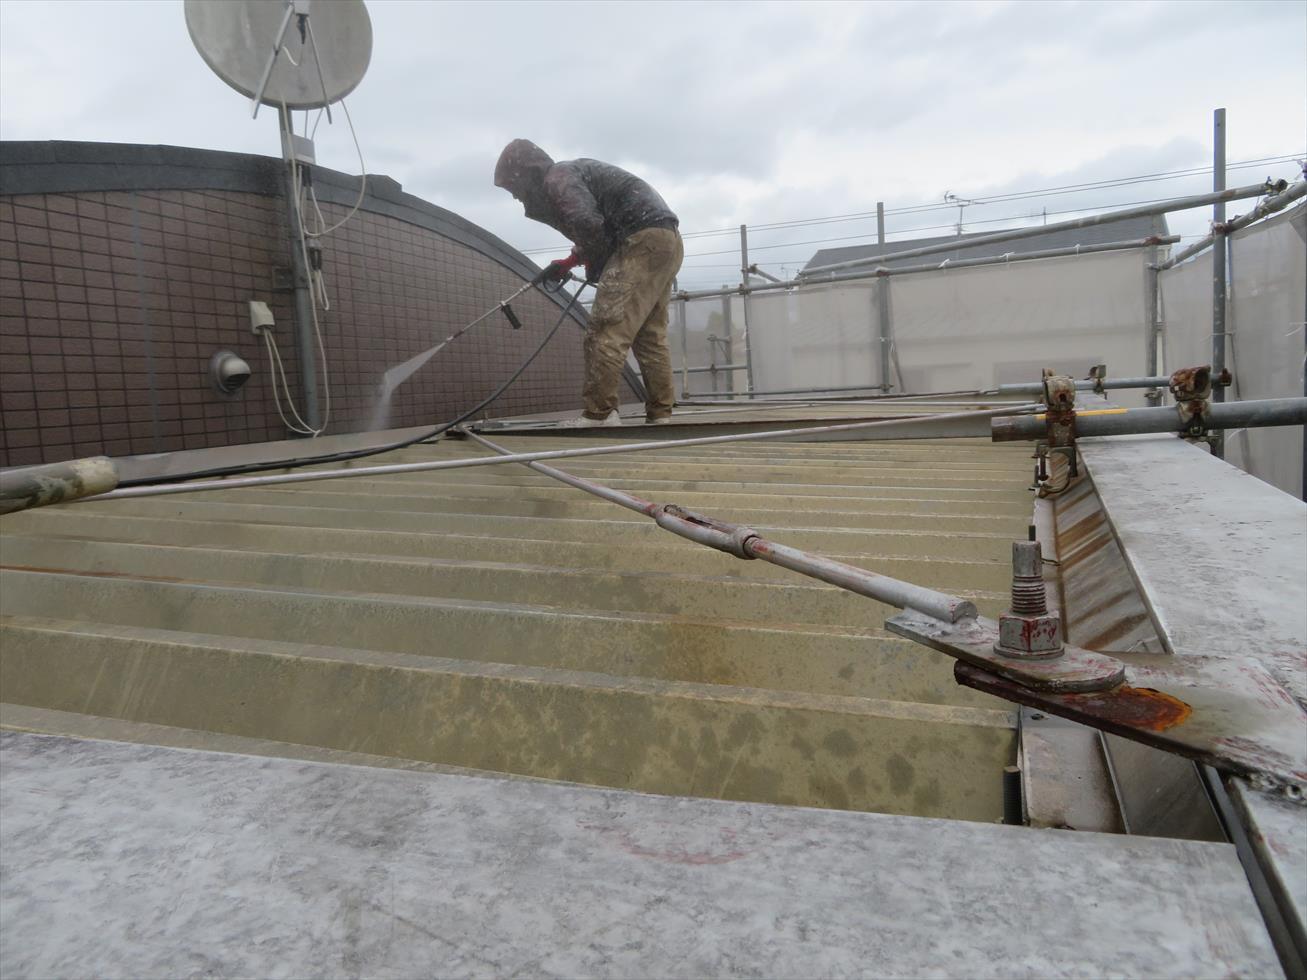 宝塚市マンションの大規模修繕工事では外壁塗装工事前に高圧洗浄工程を経ます